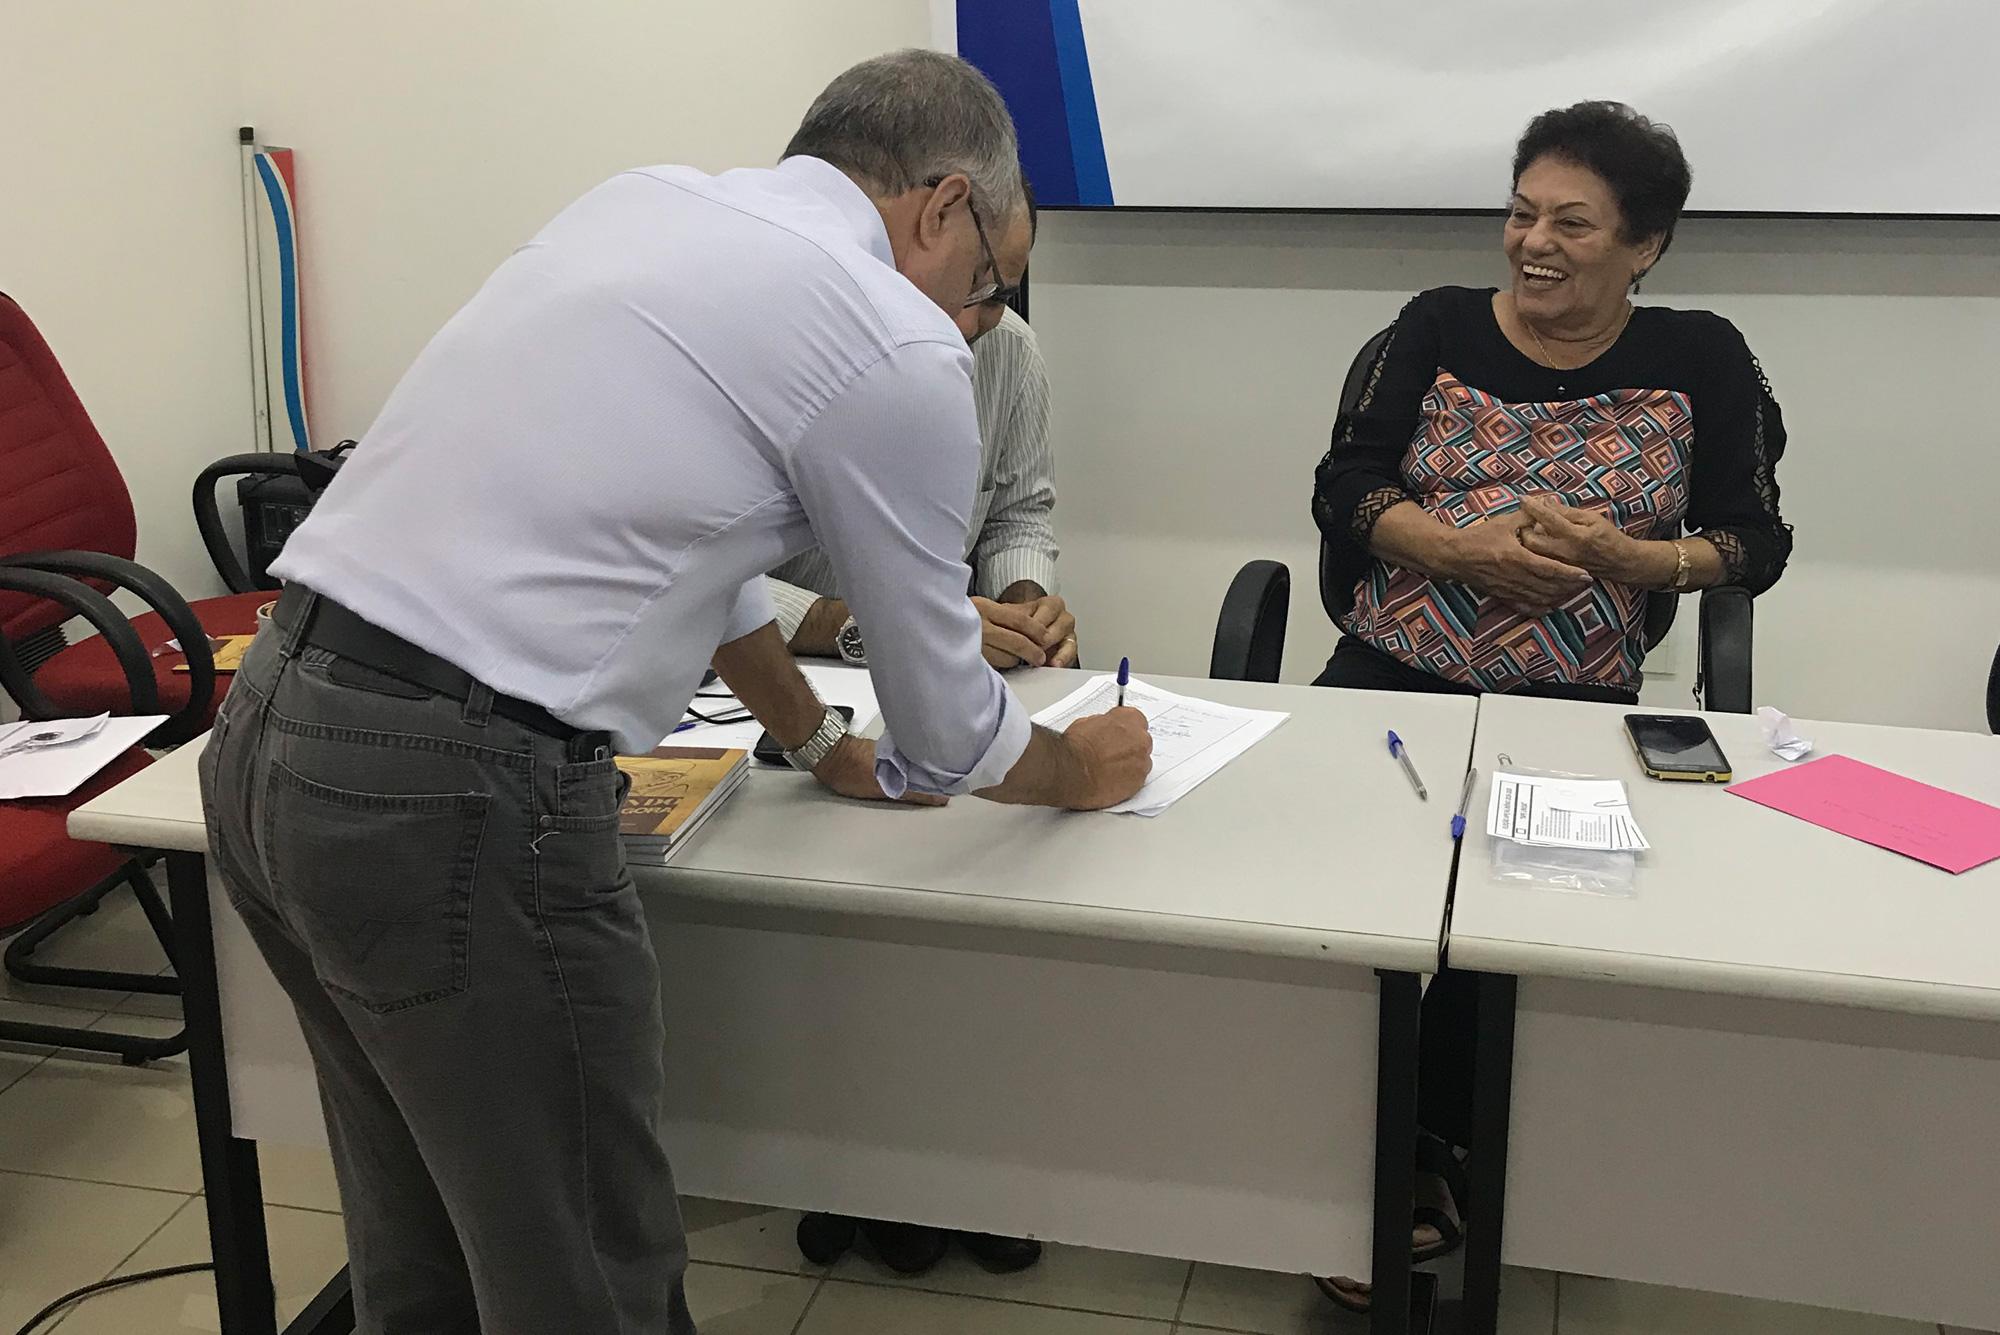 Associação dos Procuradores realiza eleição para gestão 2018-2020